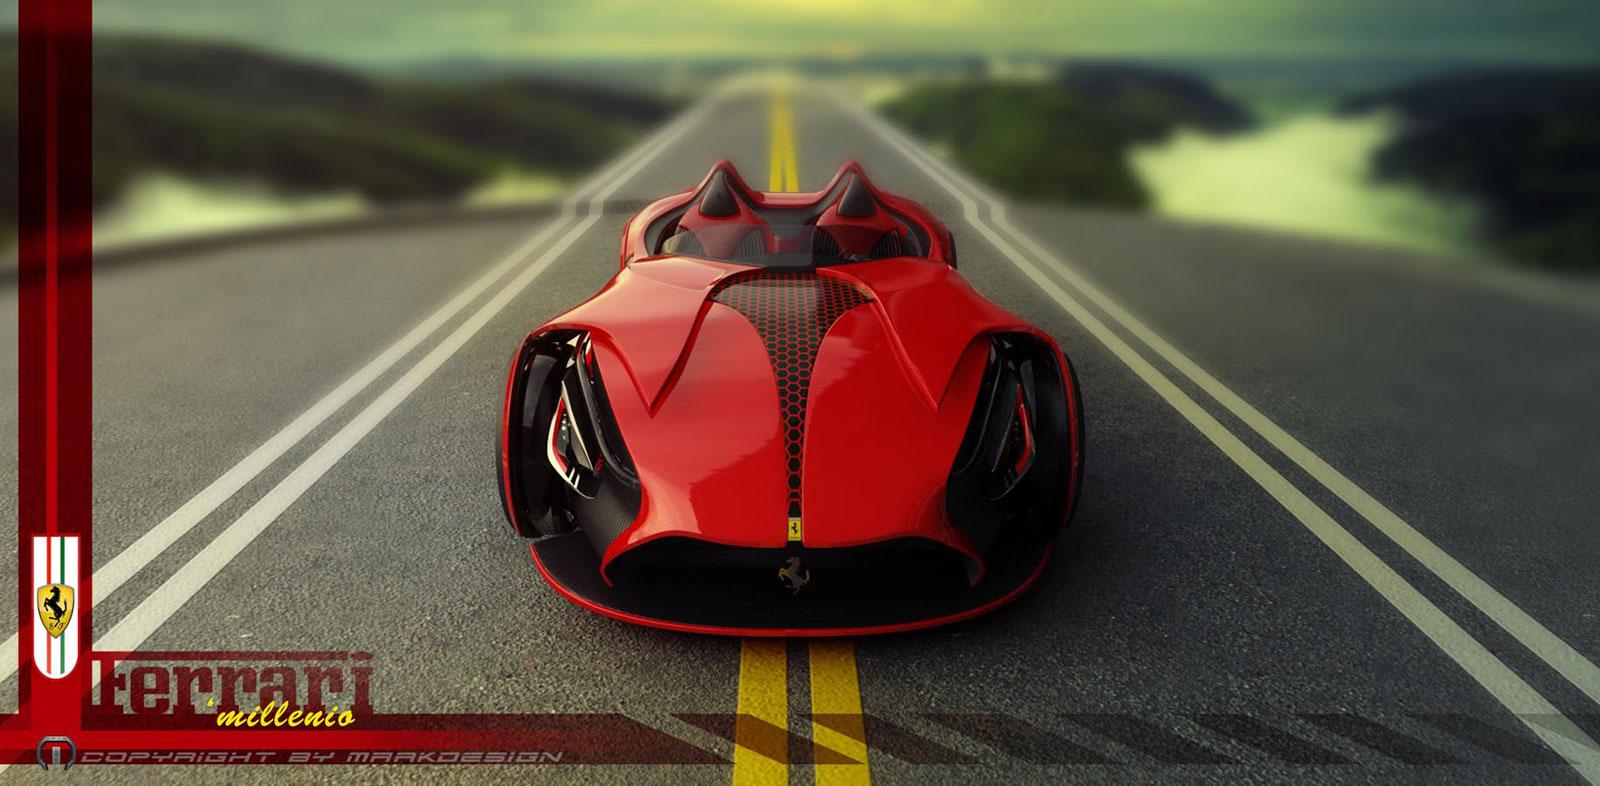 Ferrari Millenio Concept